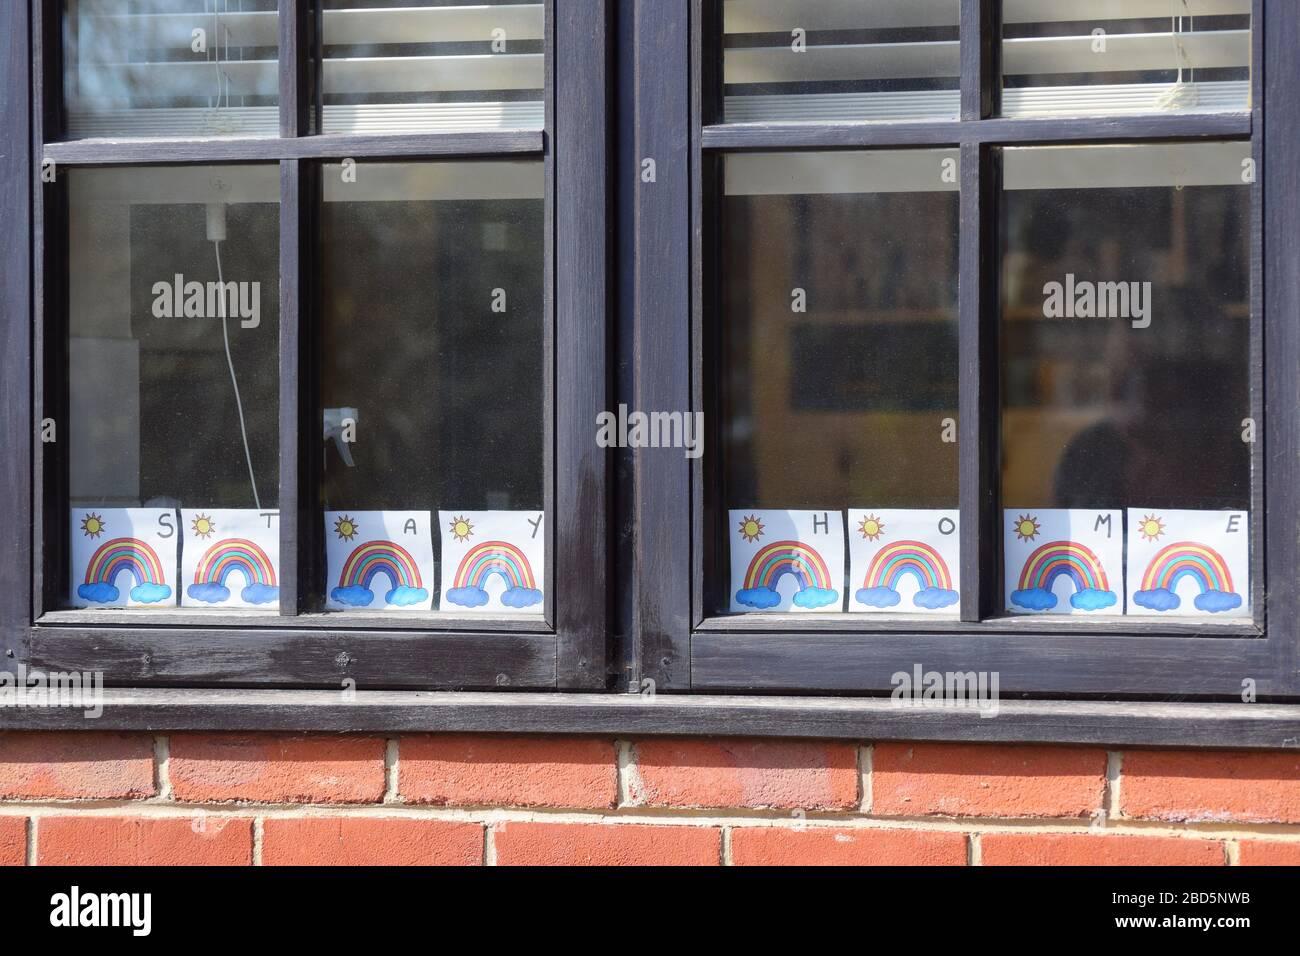 Rainbow fotos para la esperanza y positividad con el mensaje 'Stay Home' exhibida en la casa en el Reino Unido durante el cierre del Coronavirus Covid-19 Foto de stock